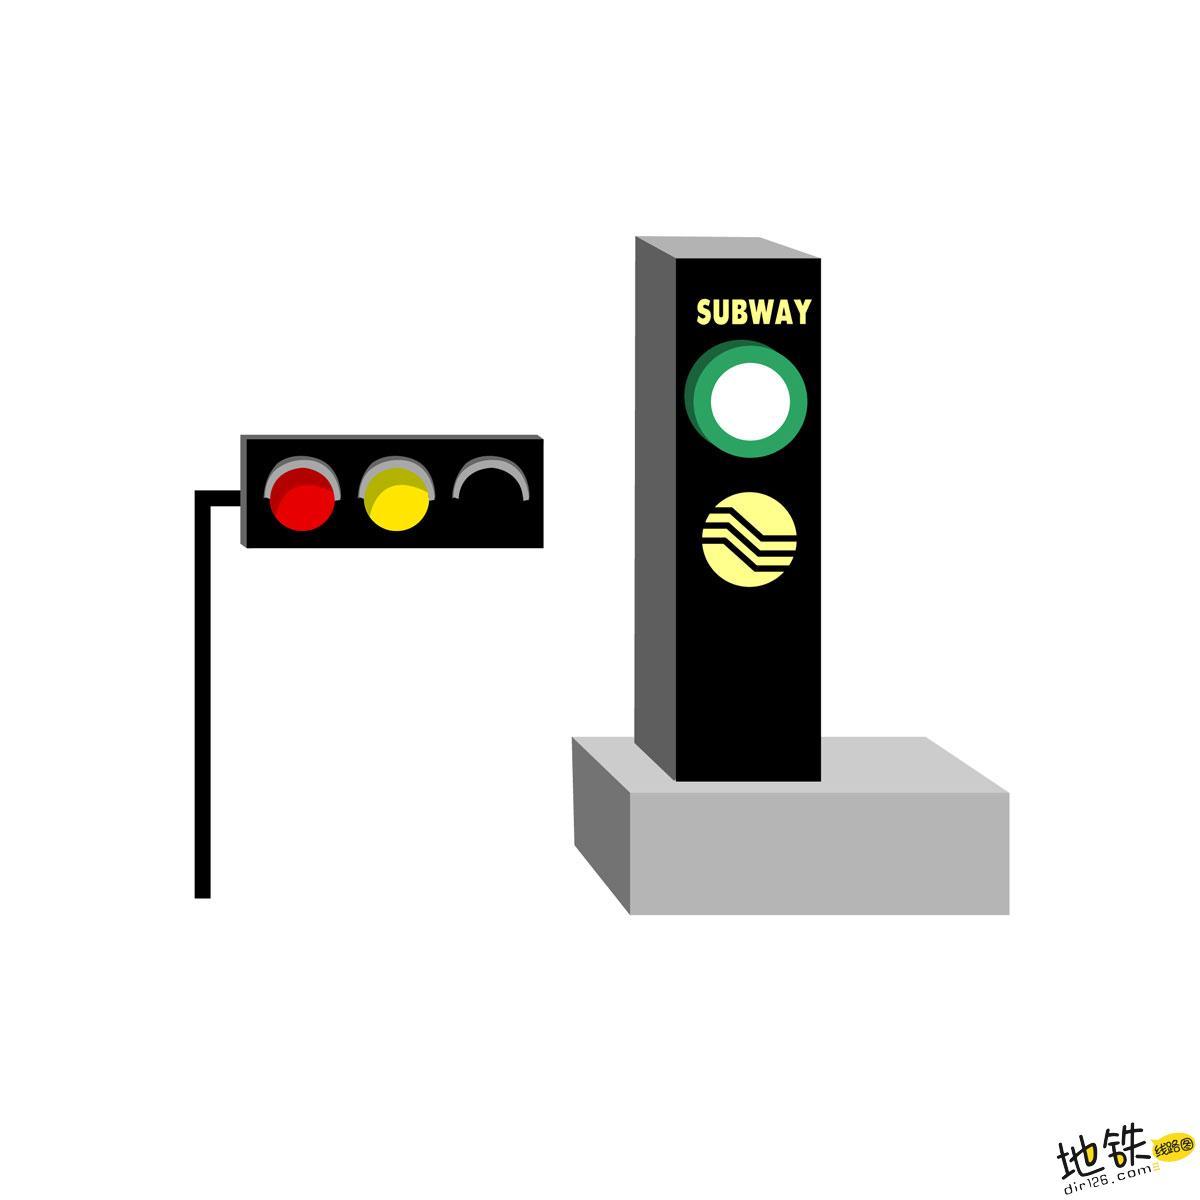 城轨地铁从人工信号到自动信号的发展史 自动 人工 轨道 信号 地铁 轨道知识  第1张